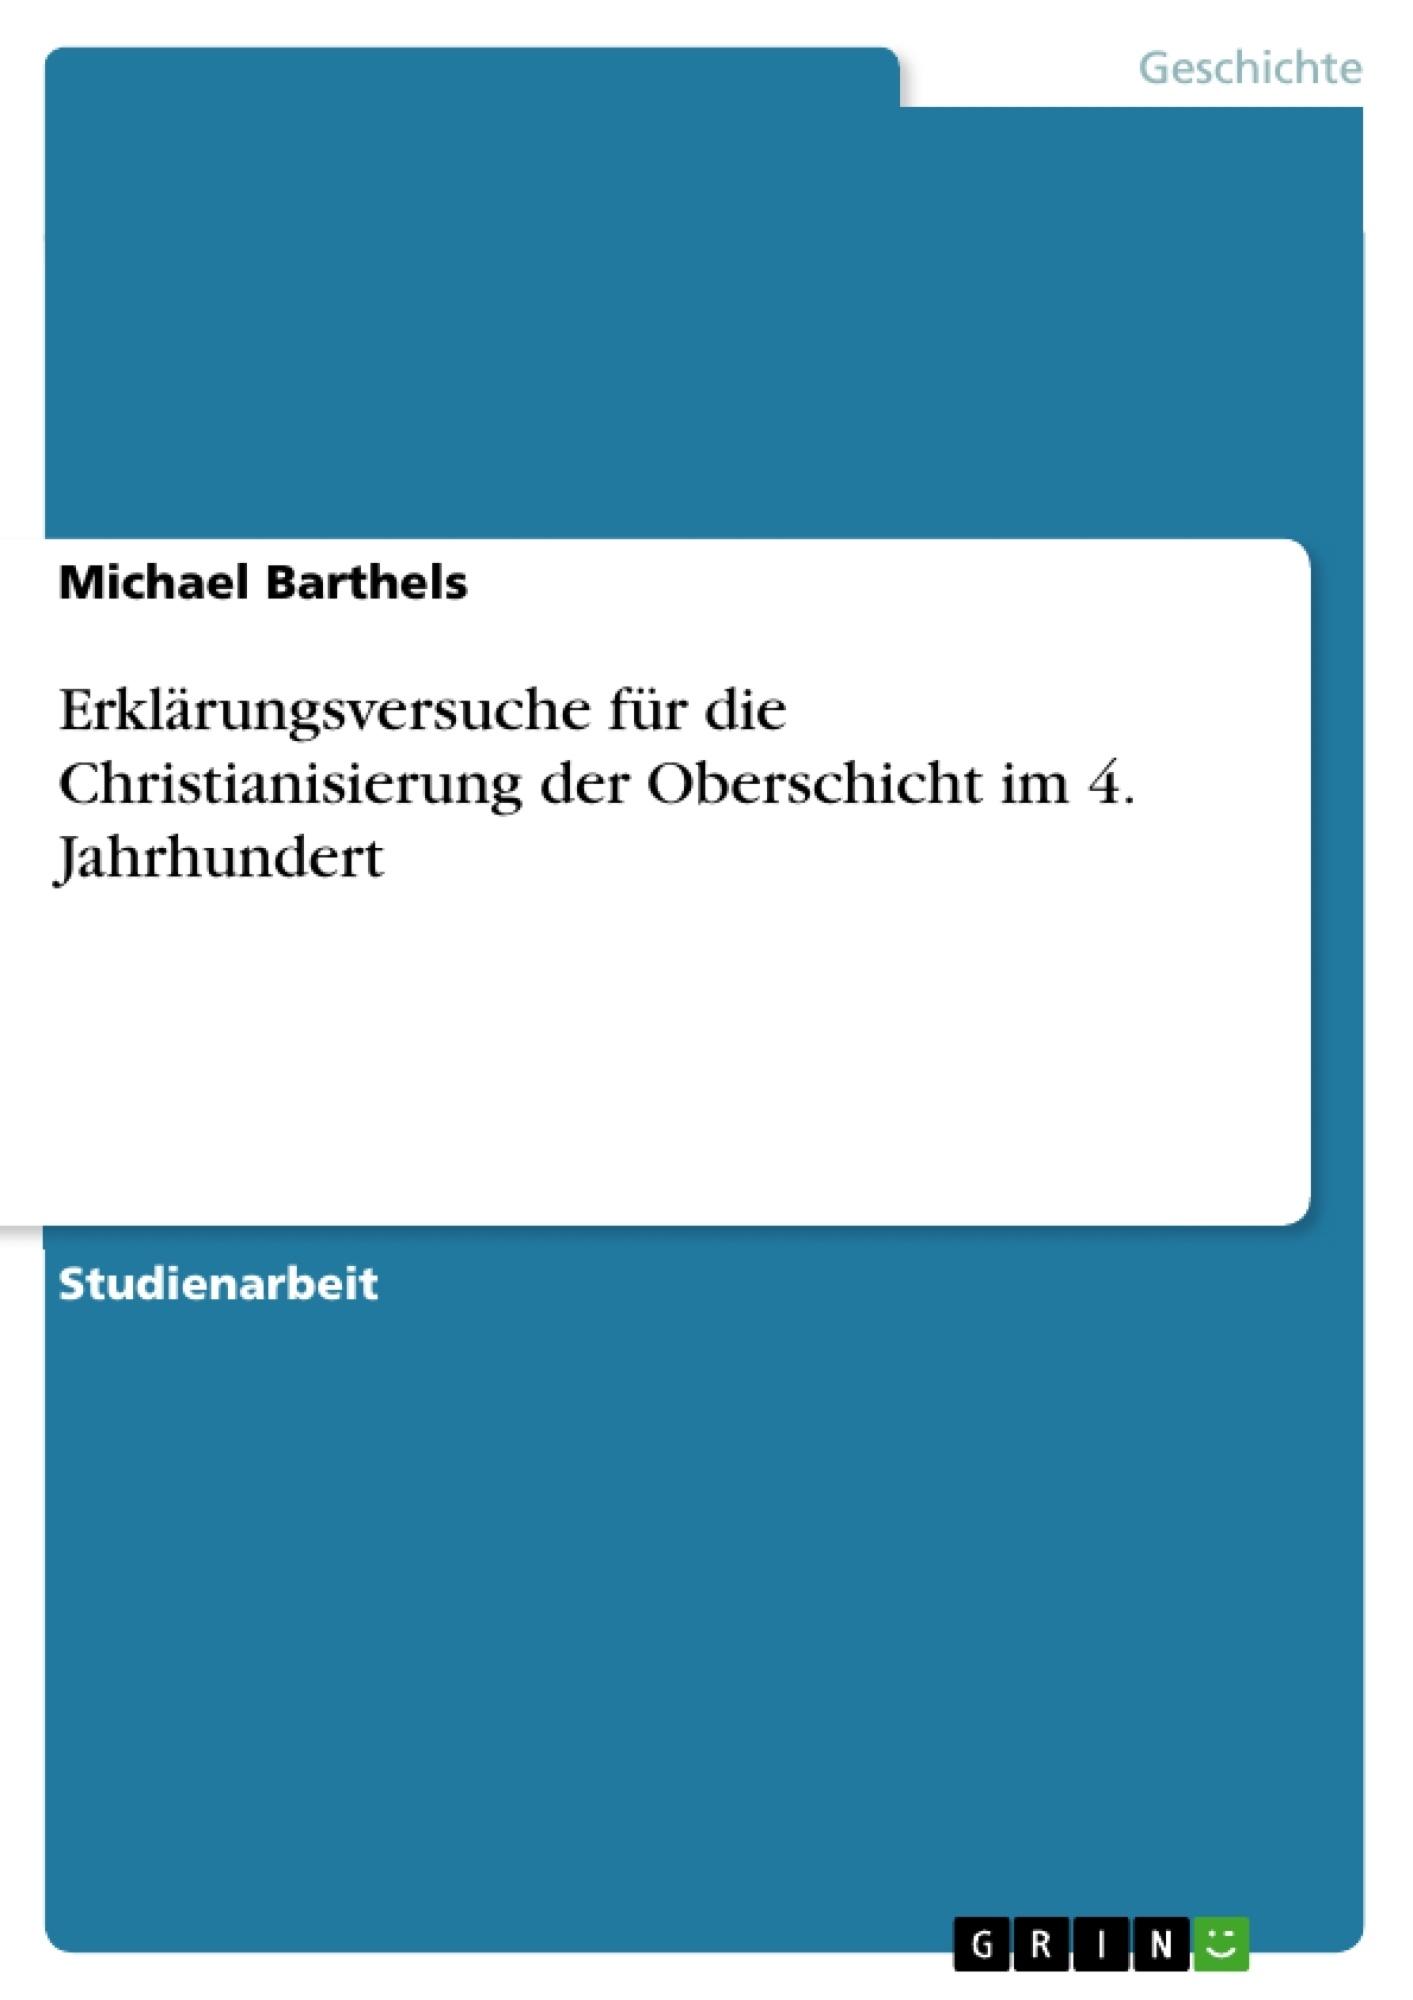 Titel: Erklärungsversuche für die Christianisierung der Oberschicht im 4. Jahrhundert